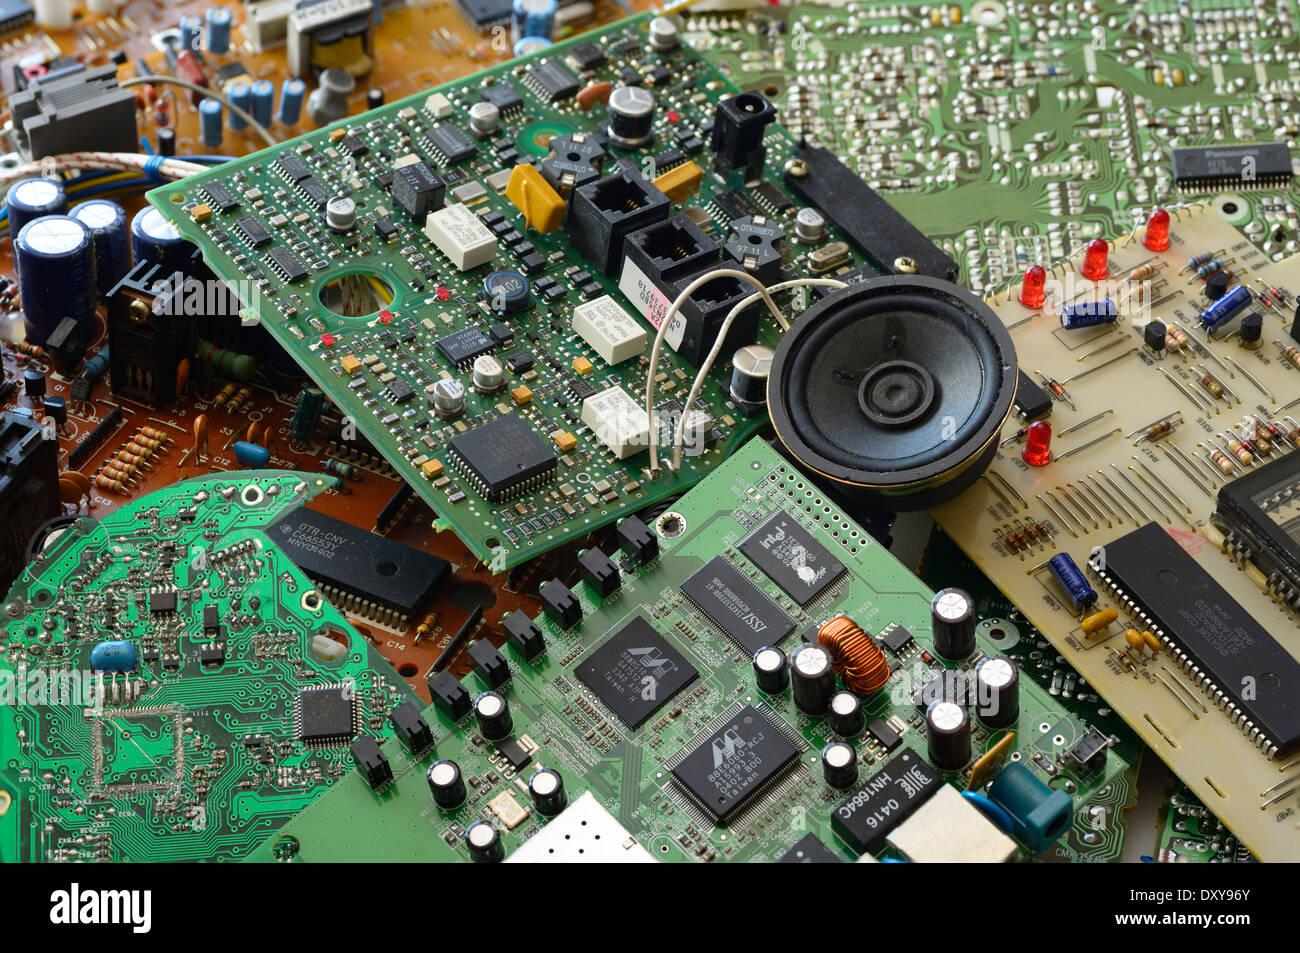 Sammlung von Junk-elektronischen Komponenten mit Mikrochips und integrierte Leiterplatten Stockbild